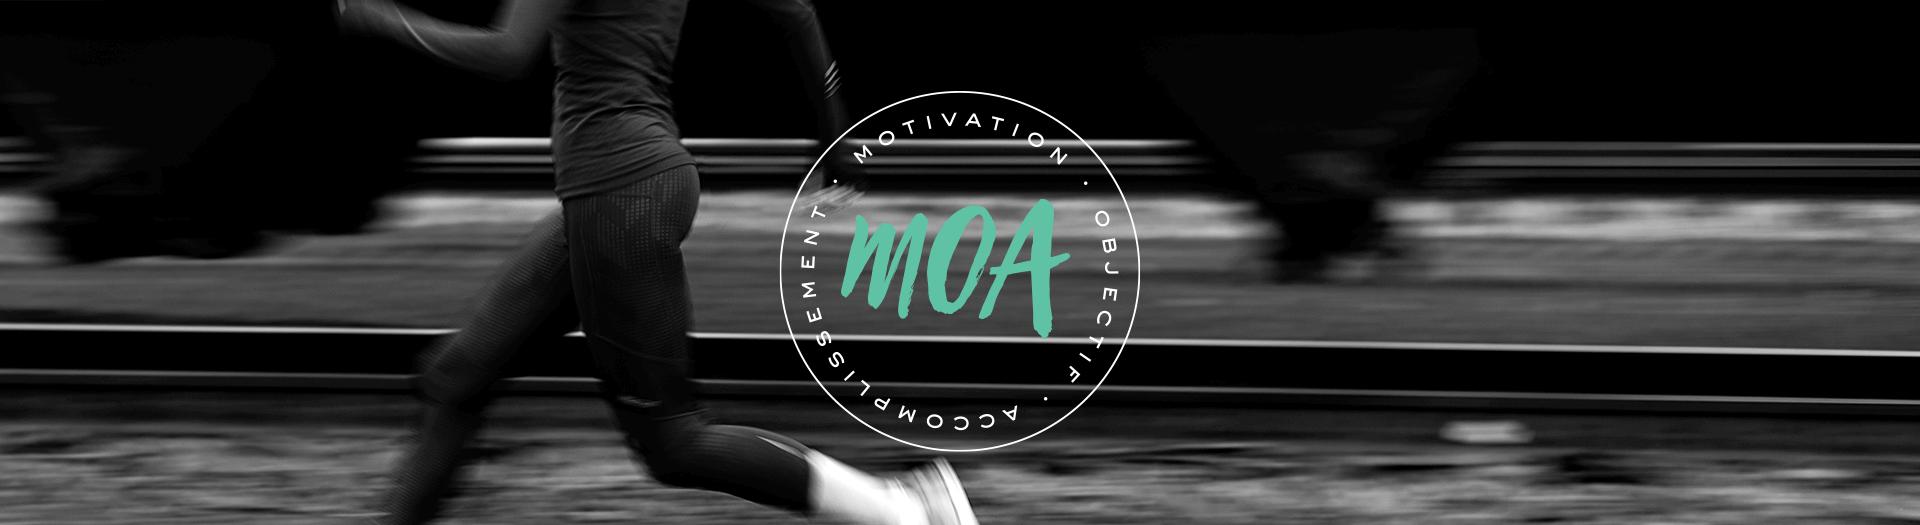 Entraînement course - programmes MOA